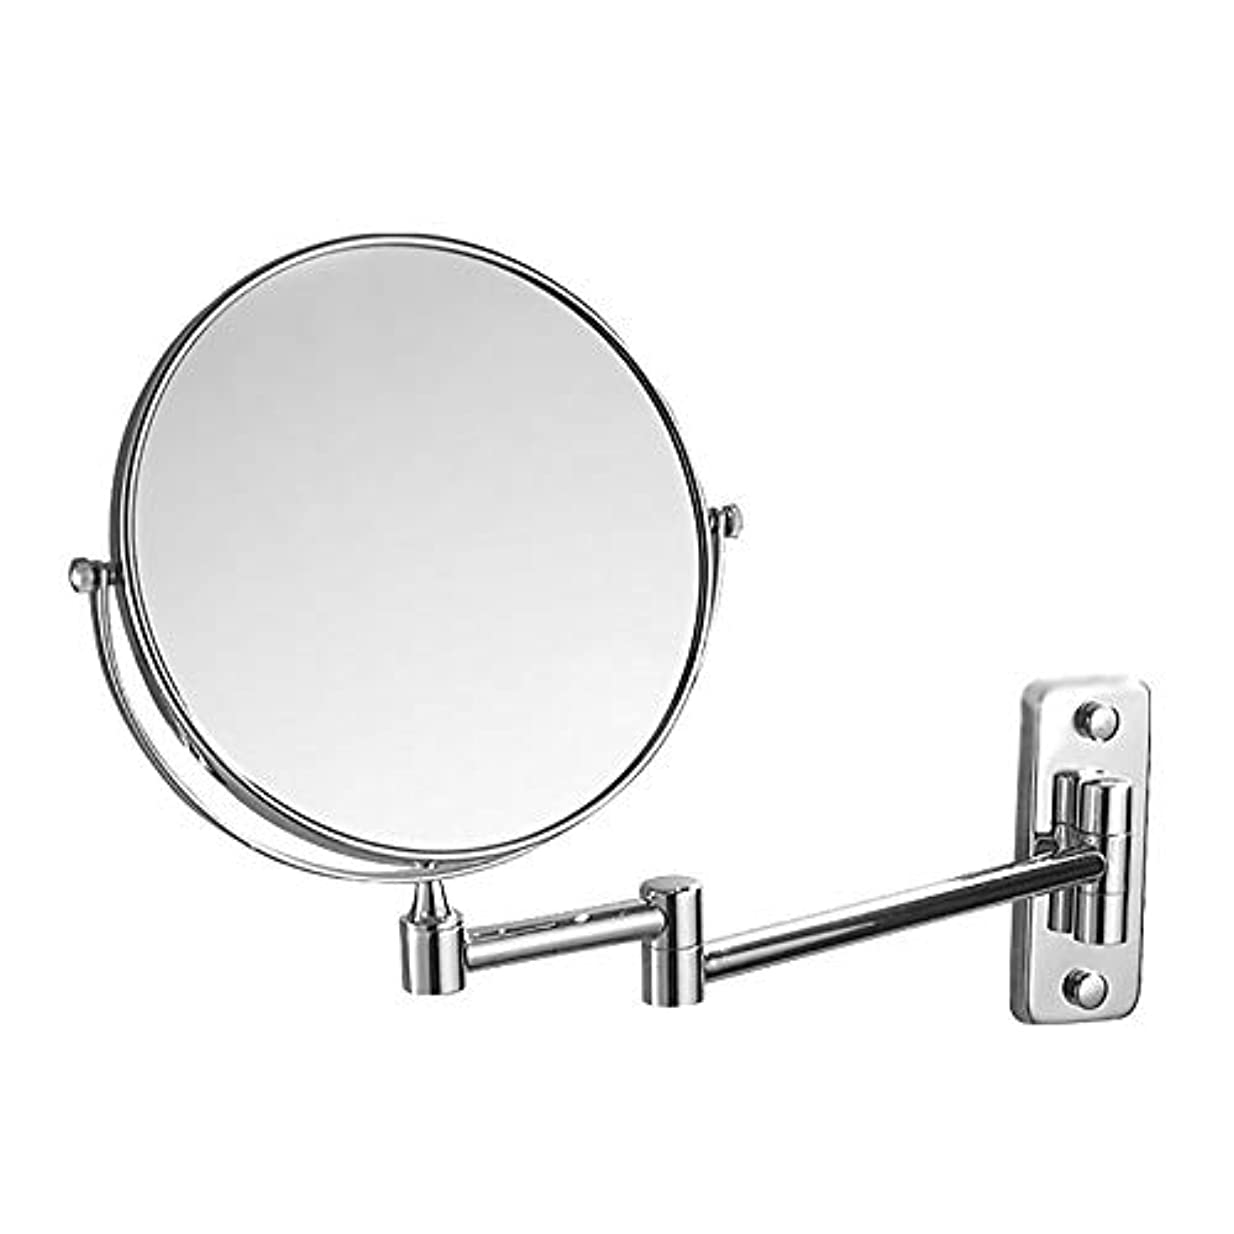 透過性精神一過性化粧鏡拡大両面鏡壁掛け折りたたみ化粧鏡